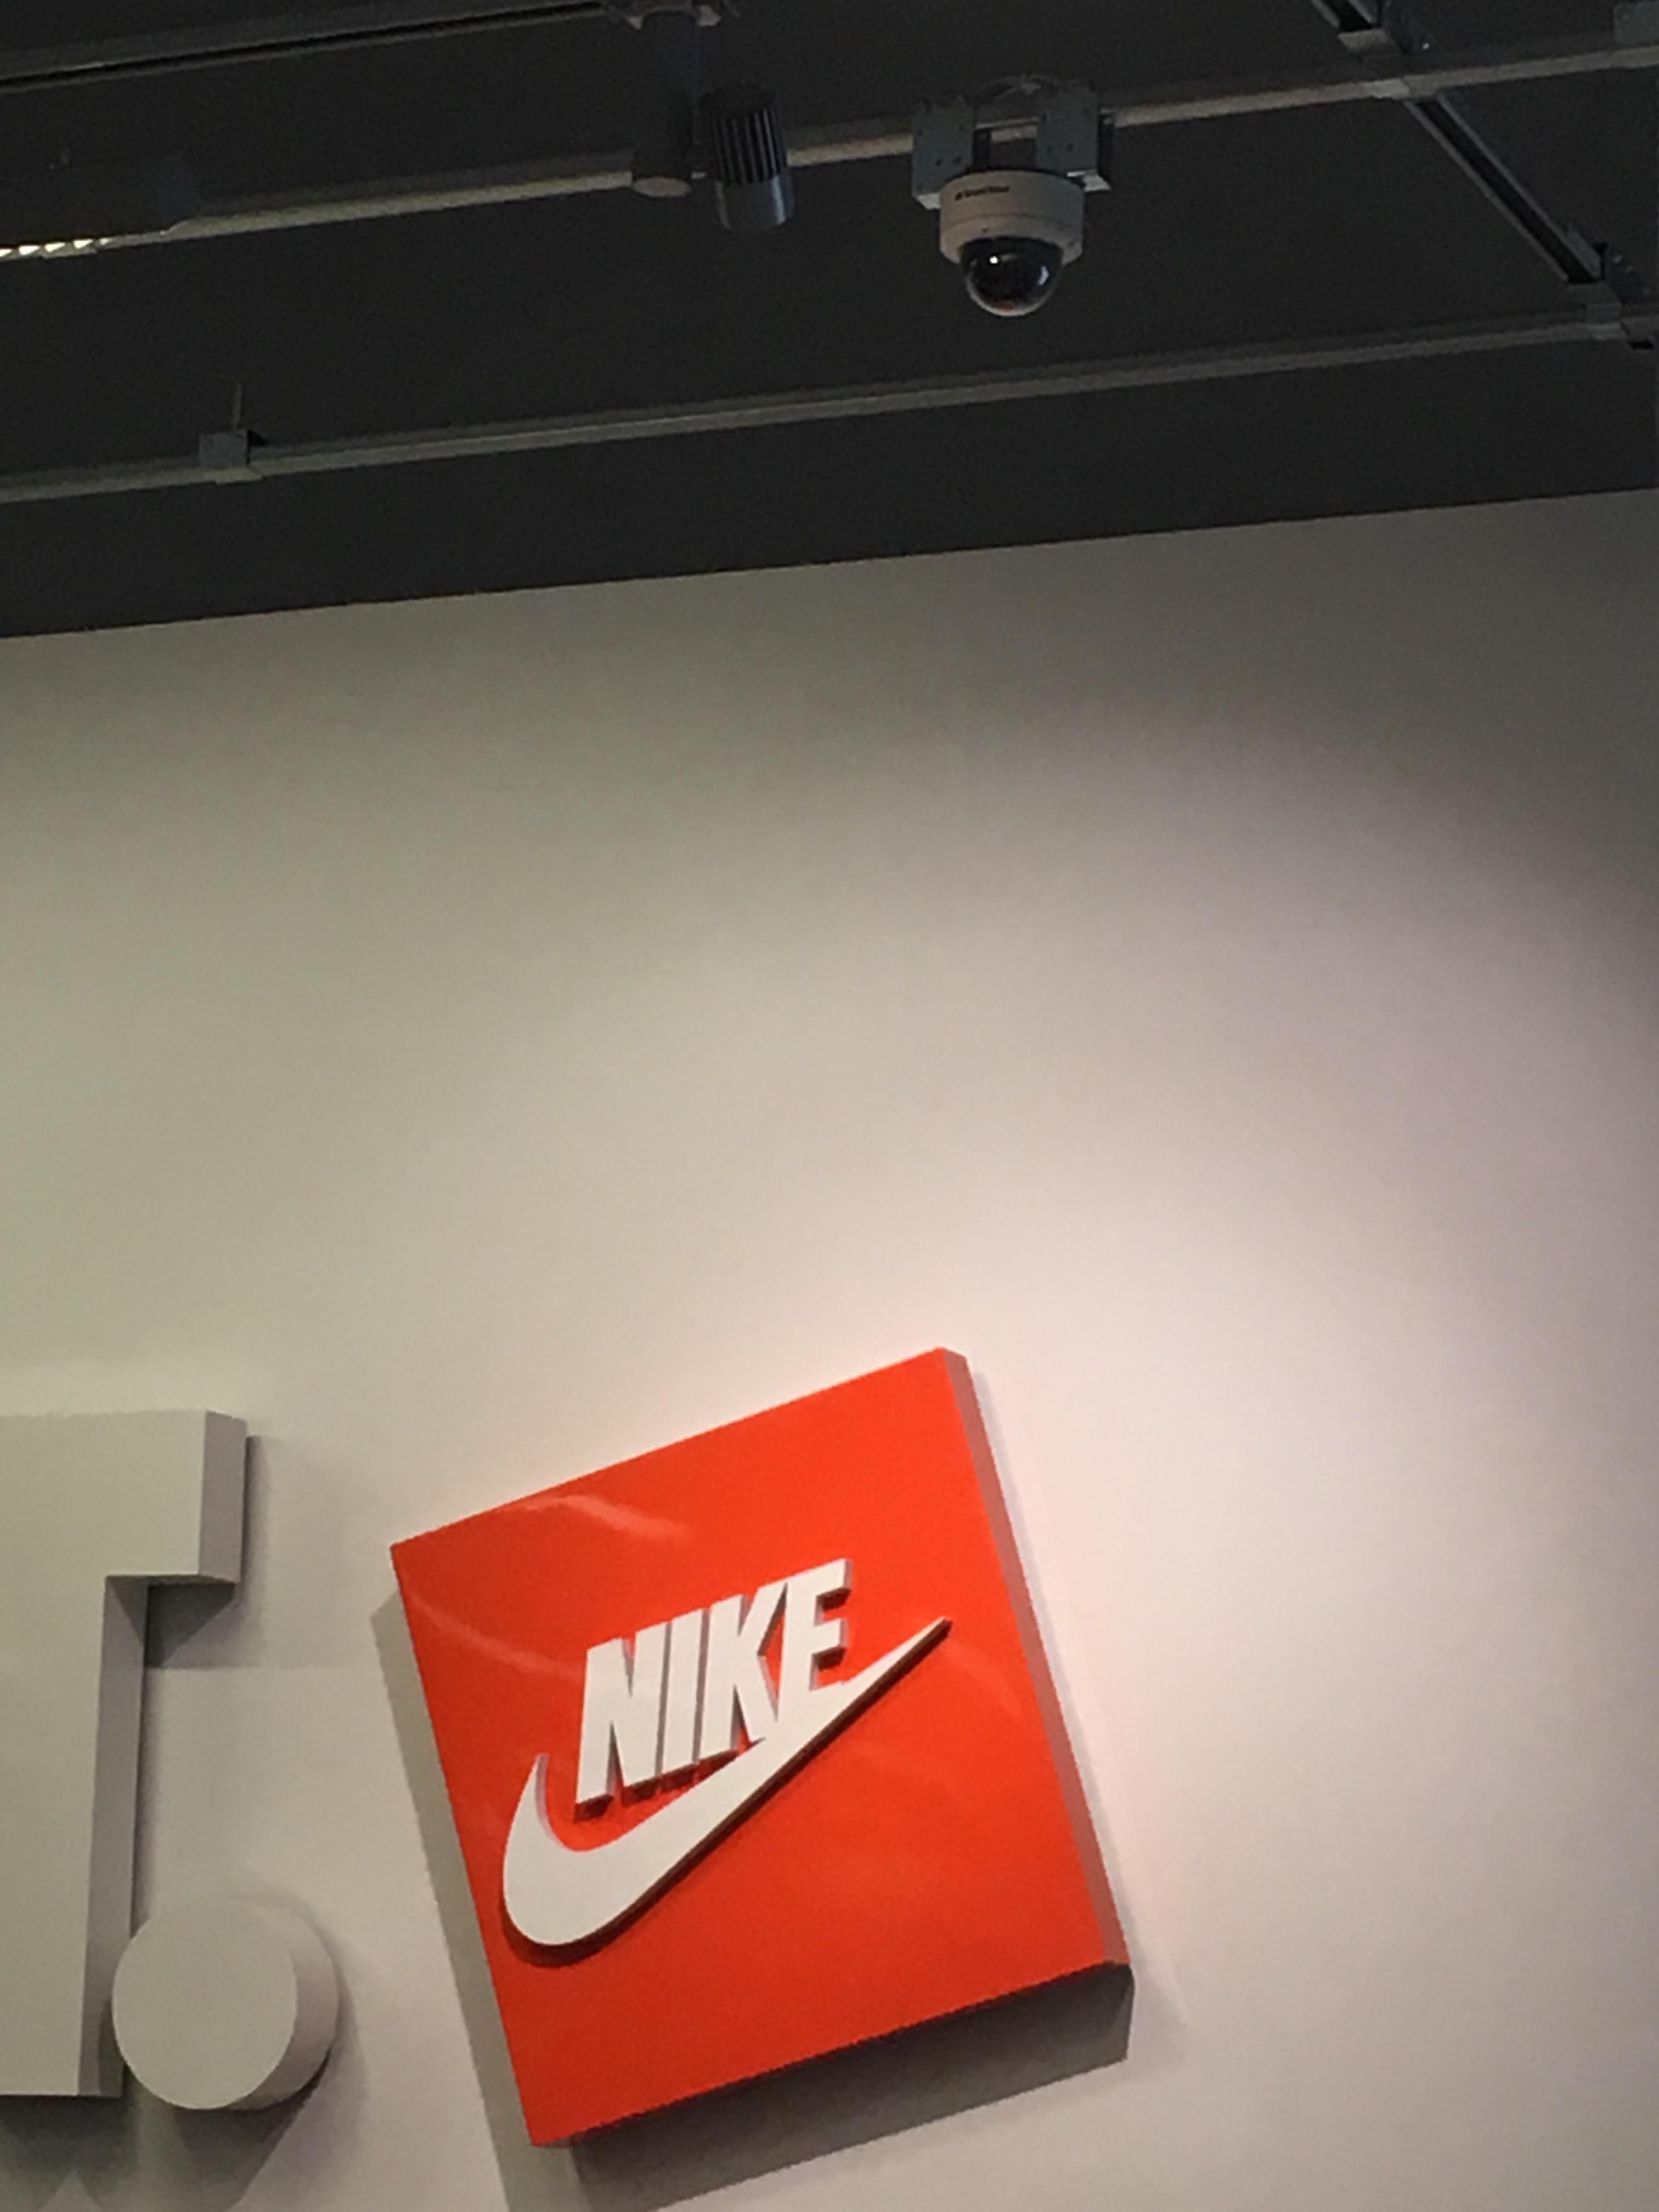 Nike store, Albertville, MN